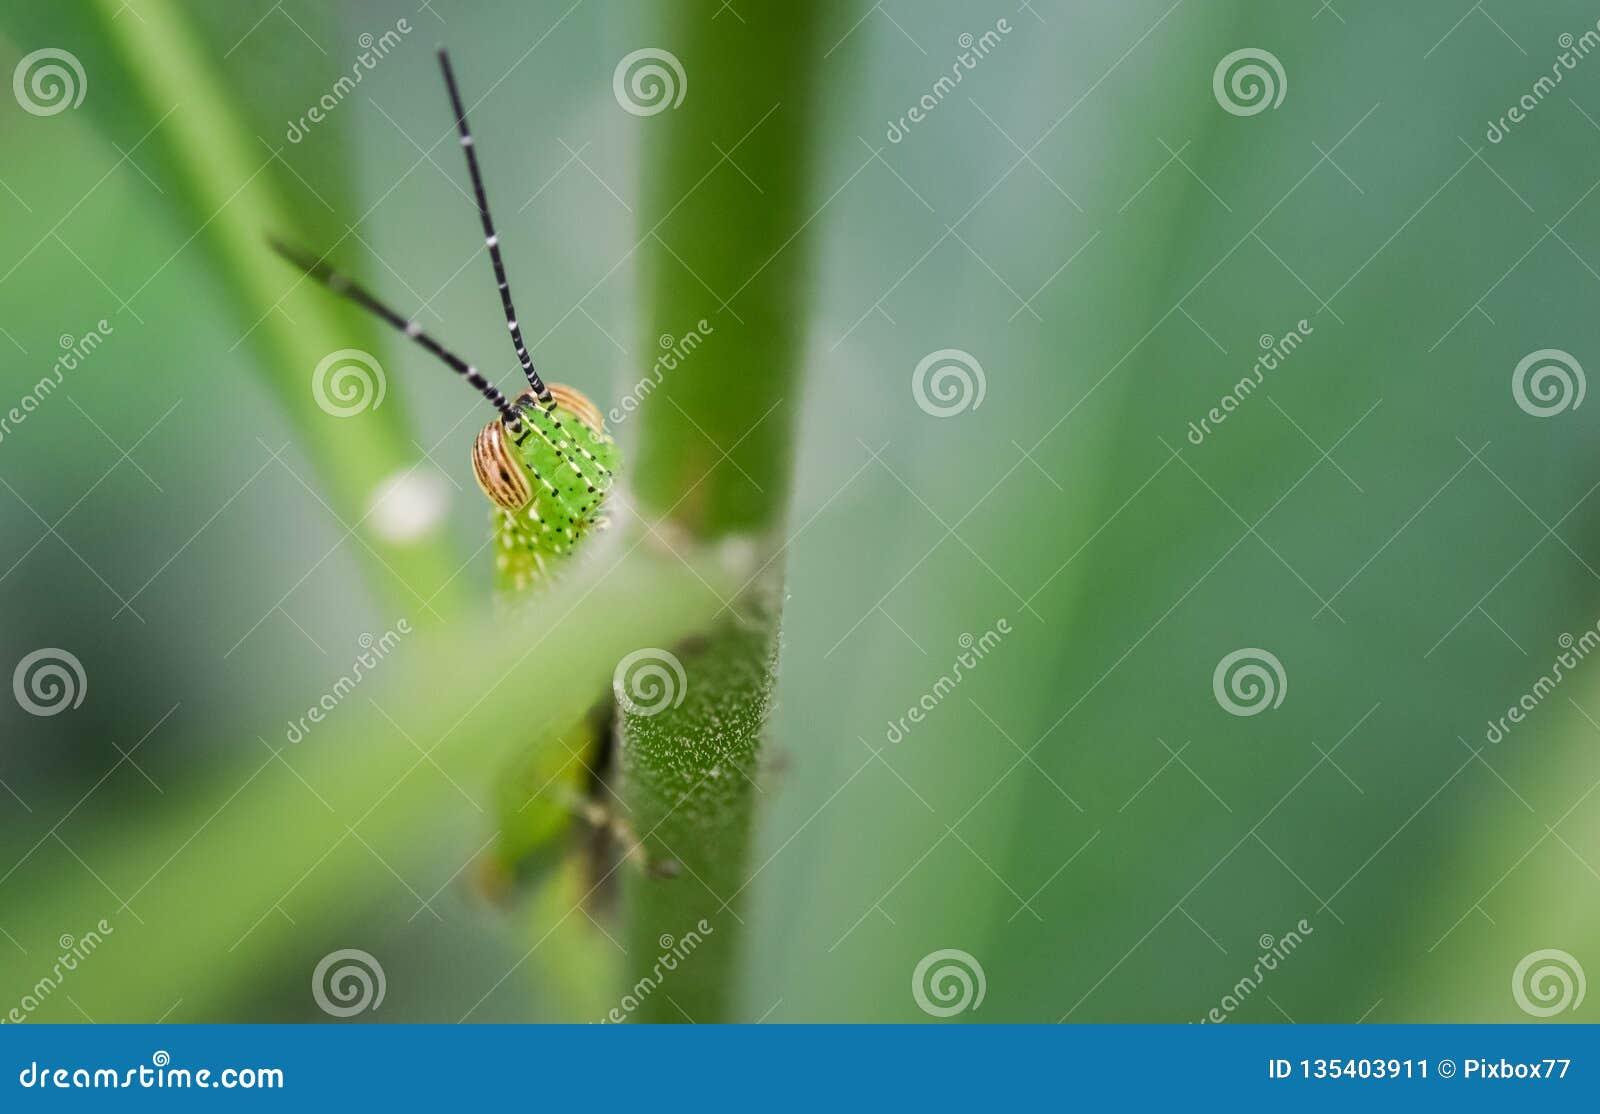 在绿色叶子的蚂蚱皮